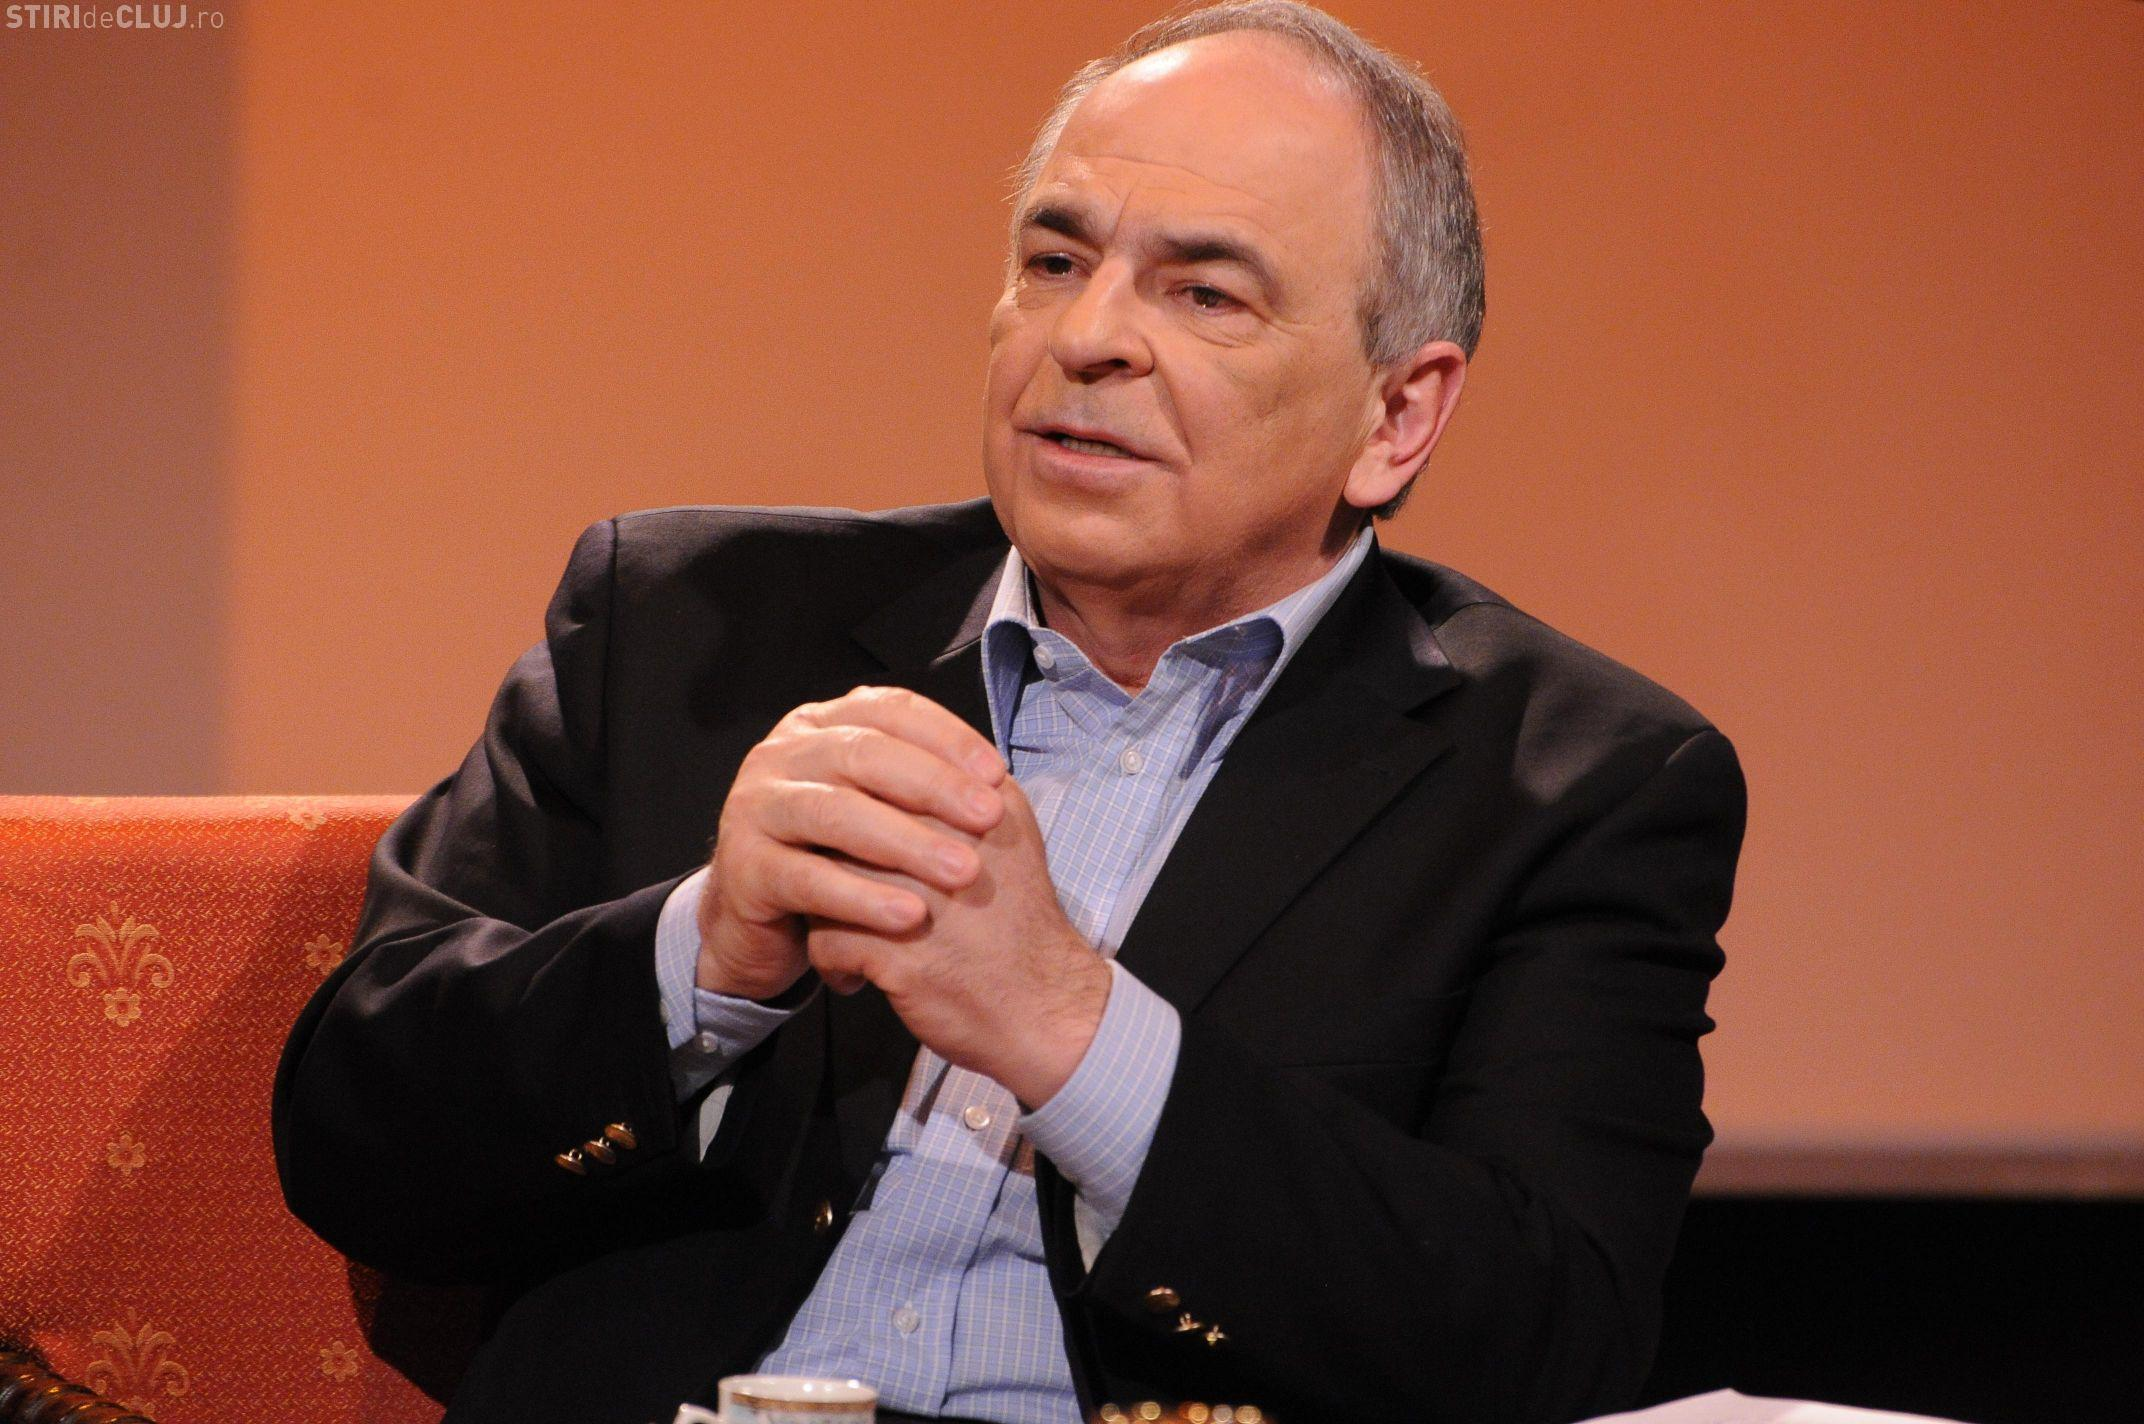 Liiceanu susține că rectorul UBB Cluj nu are ce căuta în comisia prezidenţială care va întocmi proiectul de ţară al României